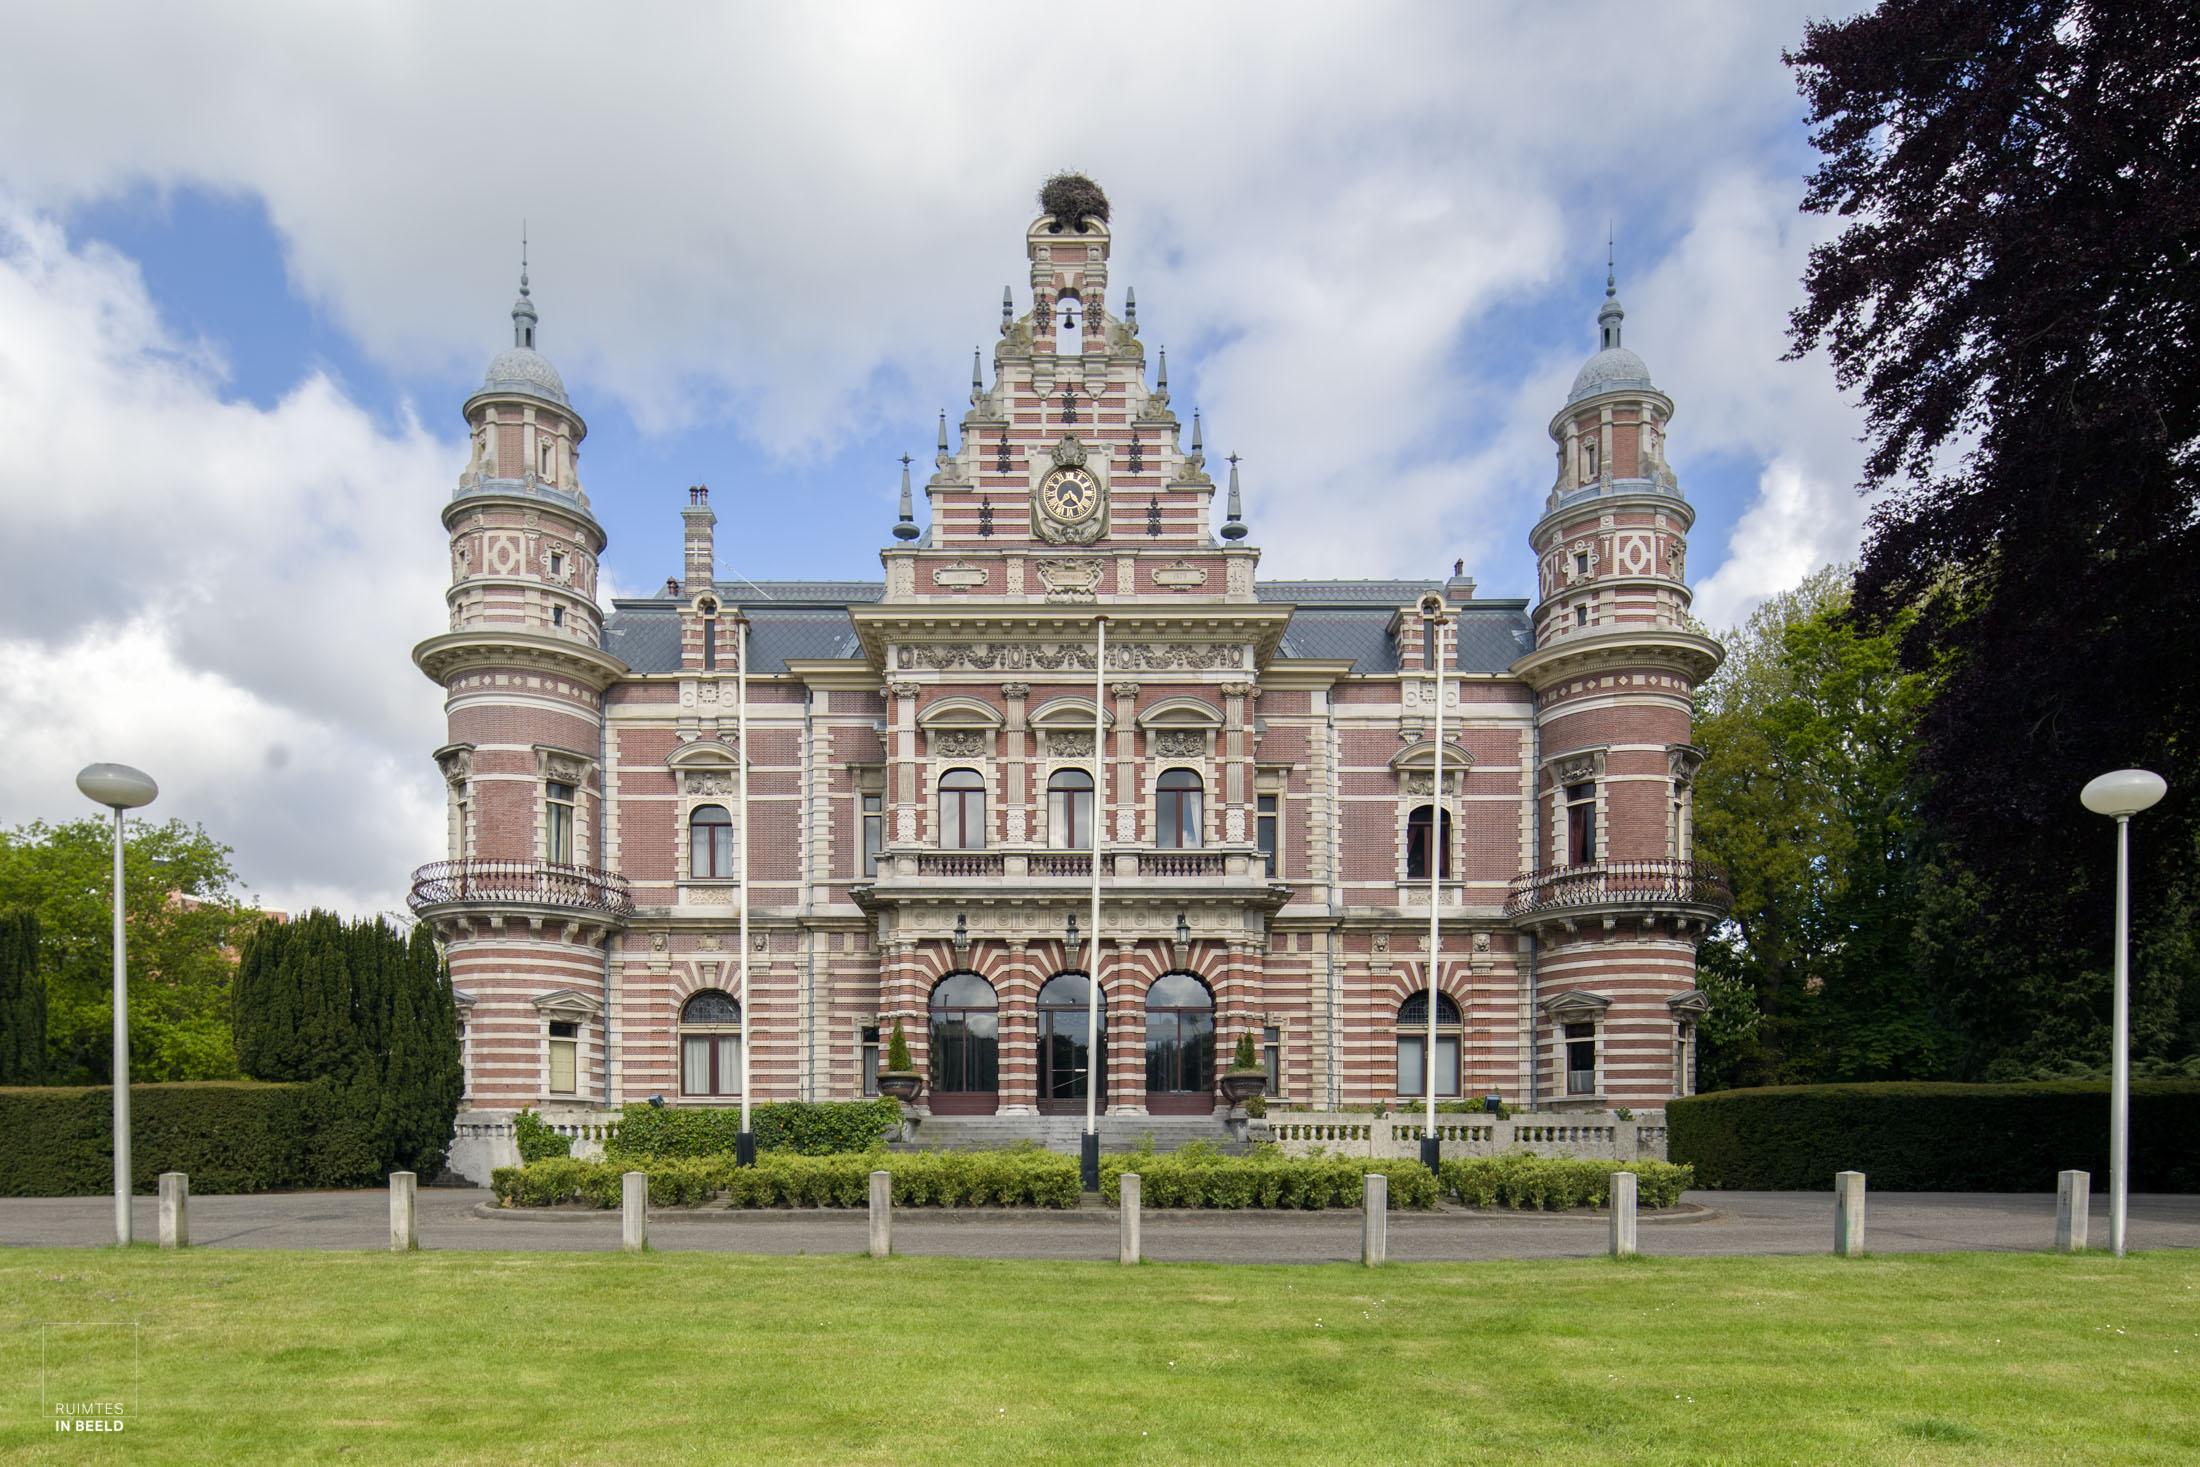 Buitenkant van Kasteel Oud-Wassenaar   Exterior facade of Oud-Wassenaar Castle